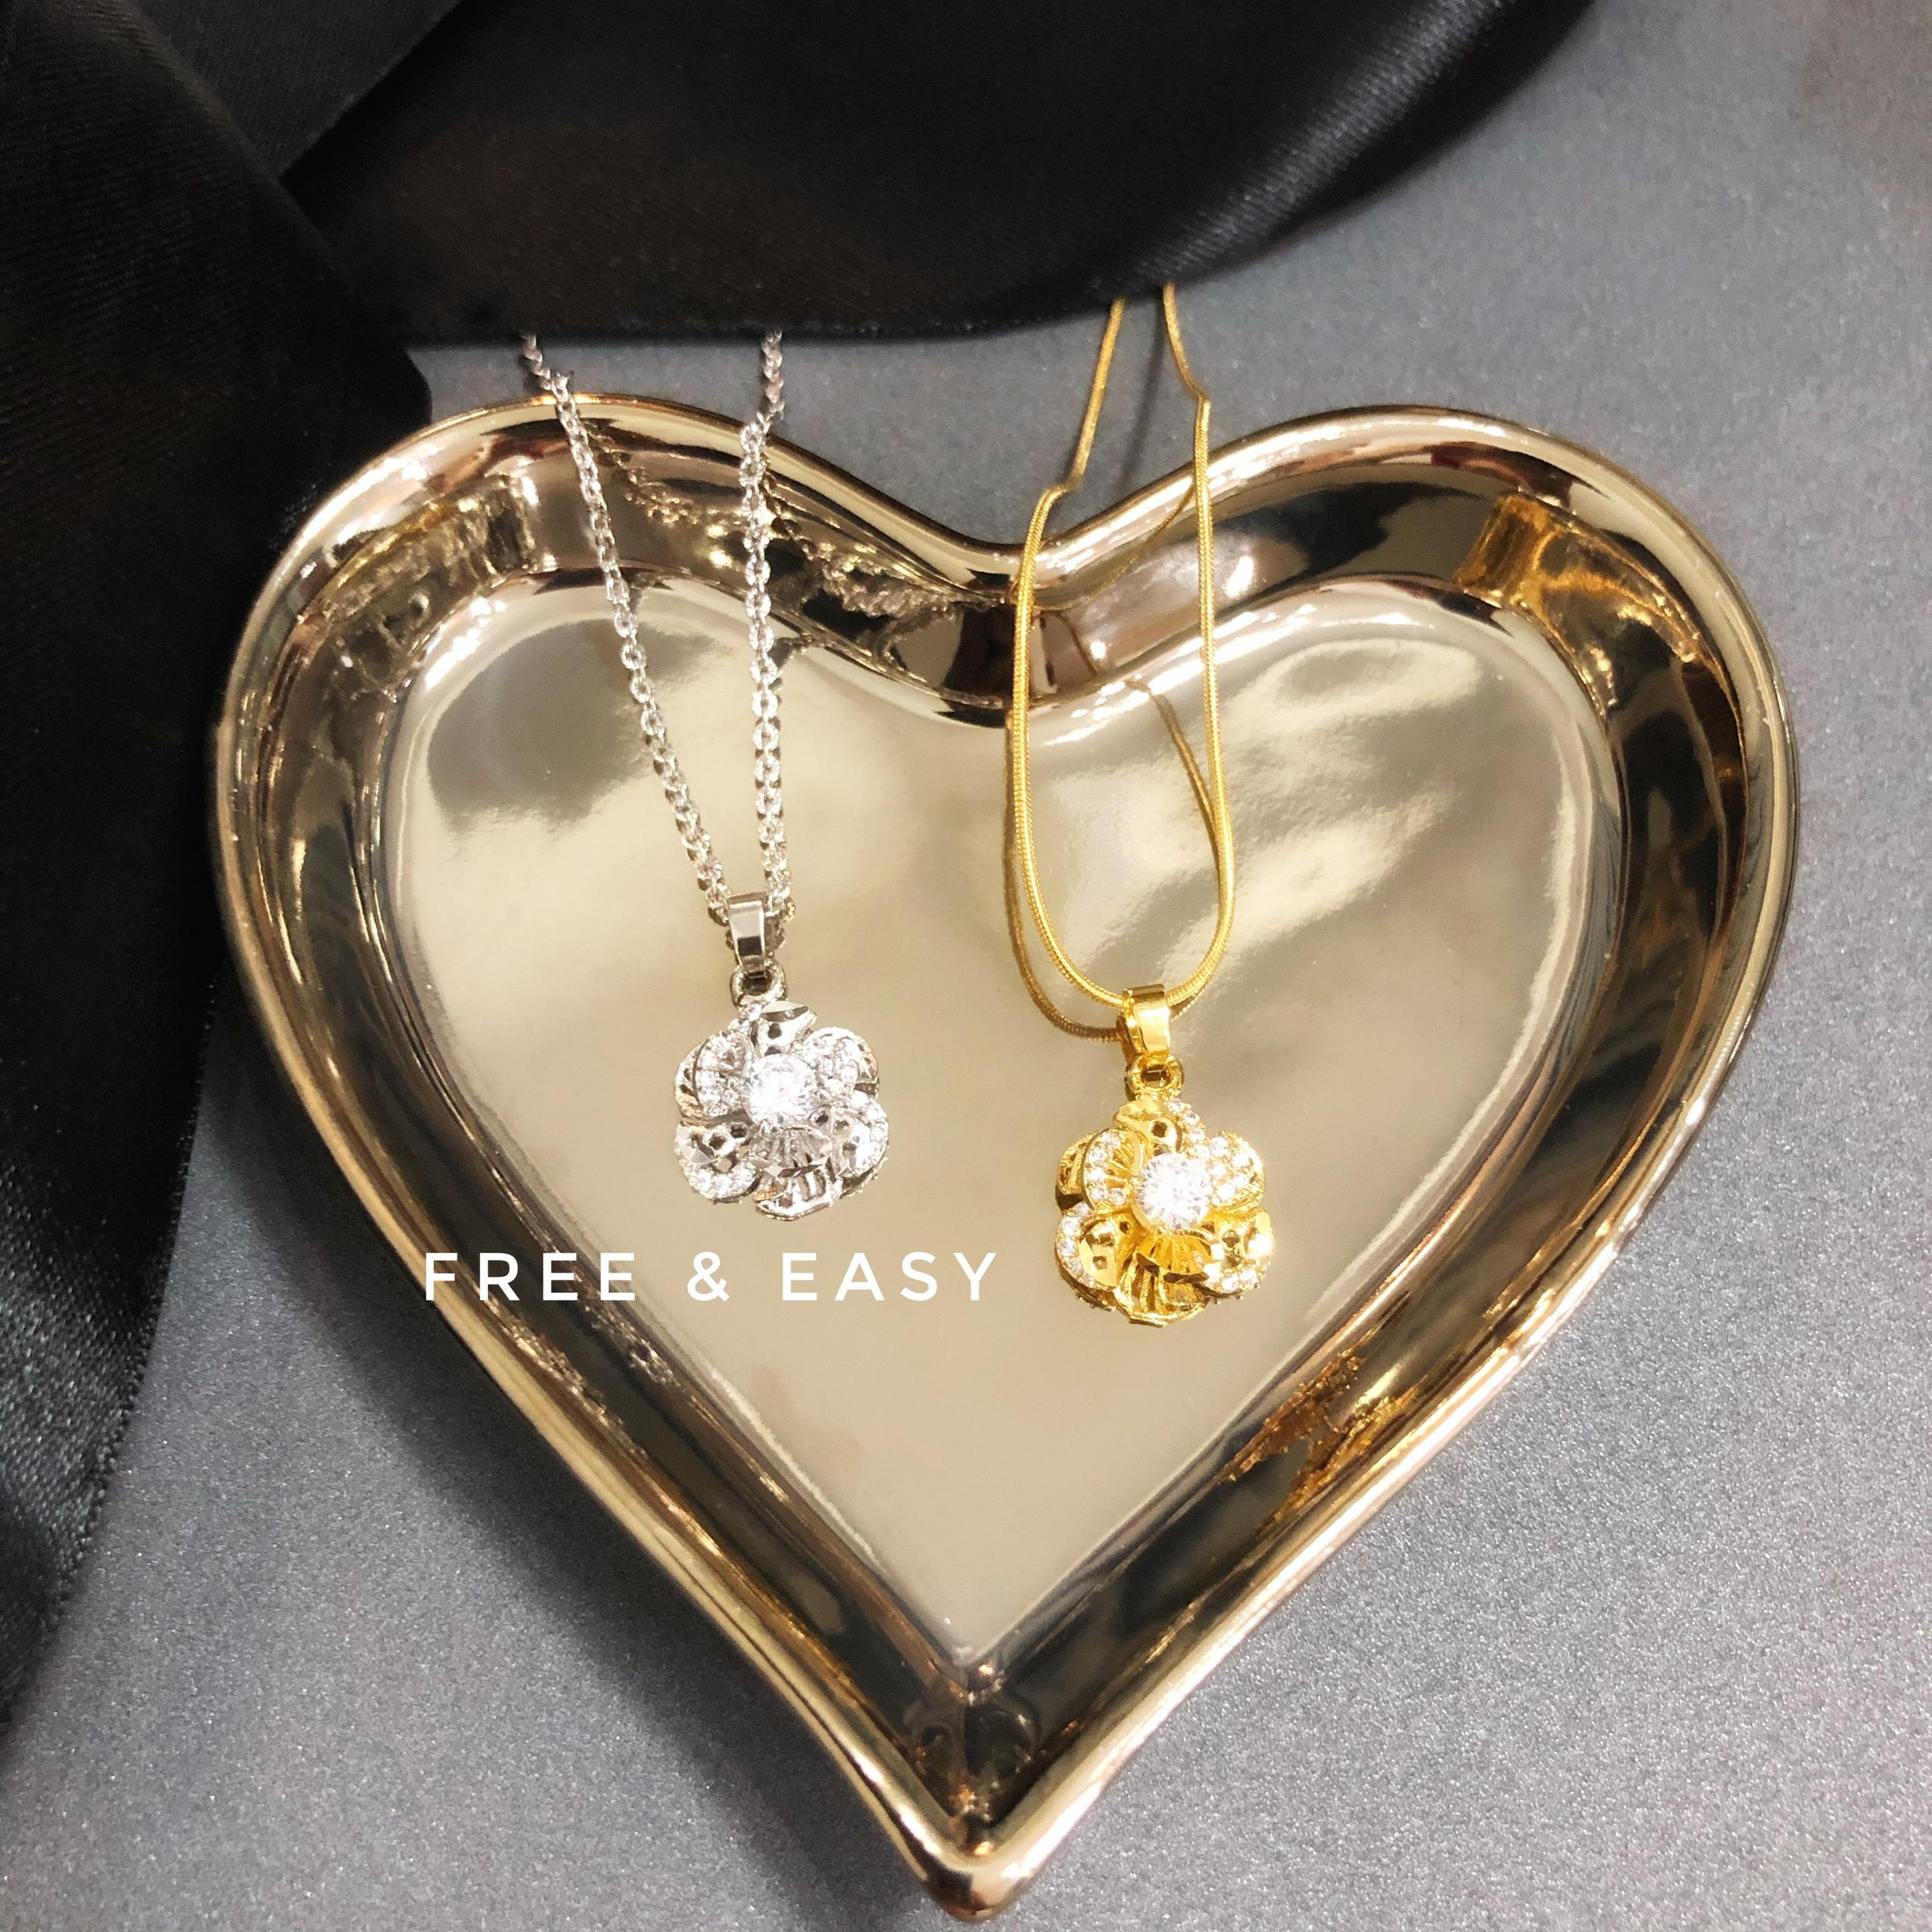 [HCM]Dây chuyền nữ cả dây và mặt chỉ 69K mạ vàng 18K cao cấp FREE & EASY  dây có 2 màu vàng và xi bạch kim  giống vàng thật 99% cho độ sáng lấp lánh cao cam kết không đen không bay màu đeo cực sang chảnh